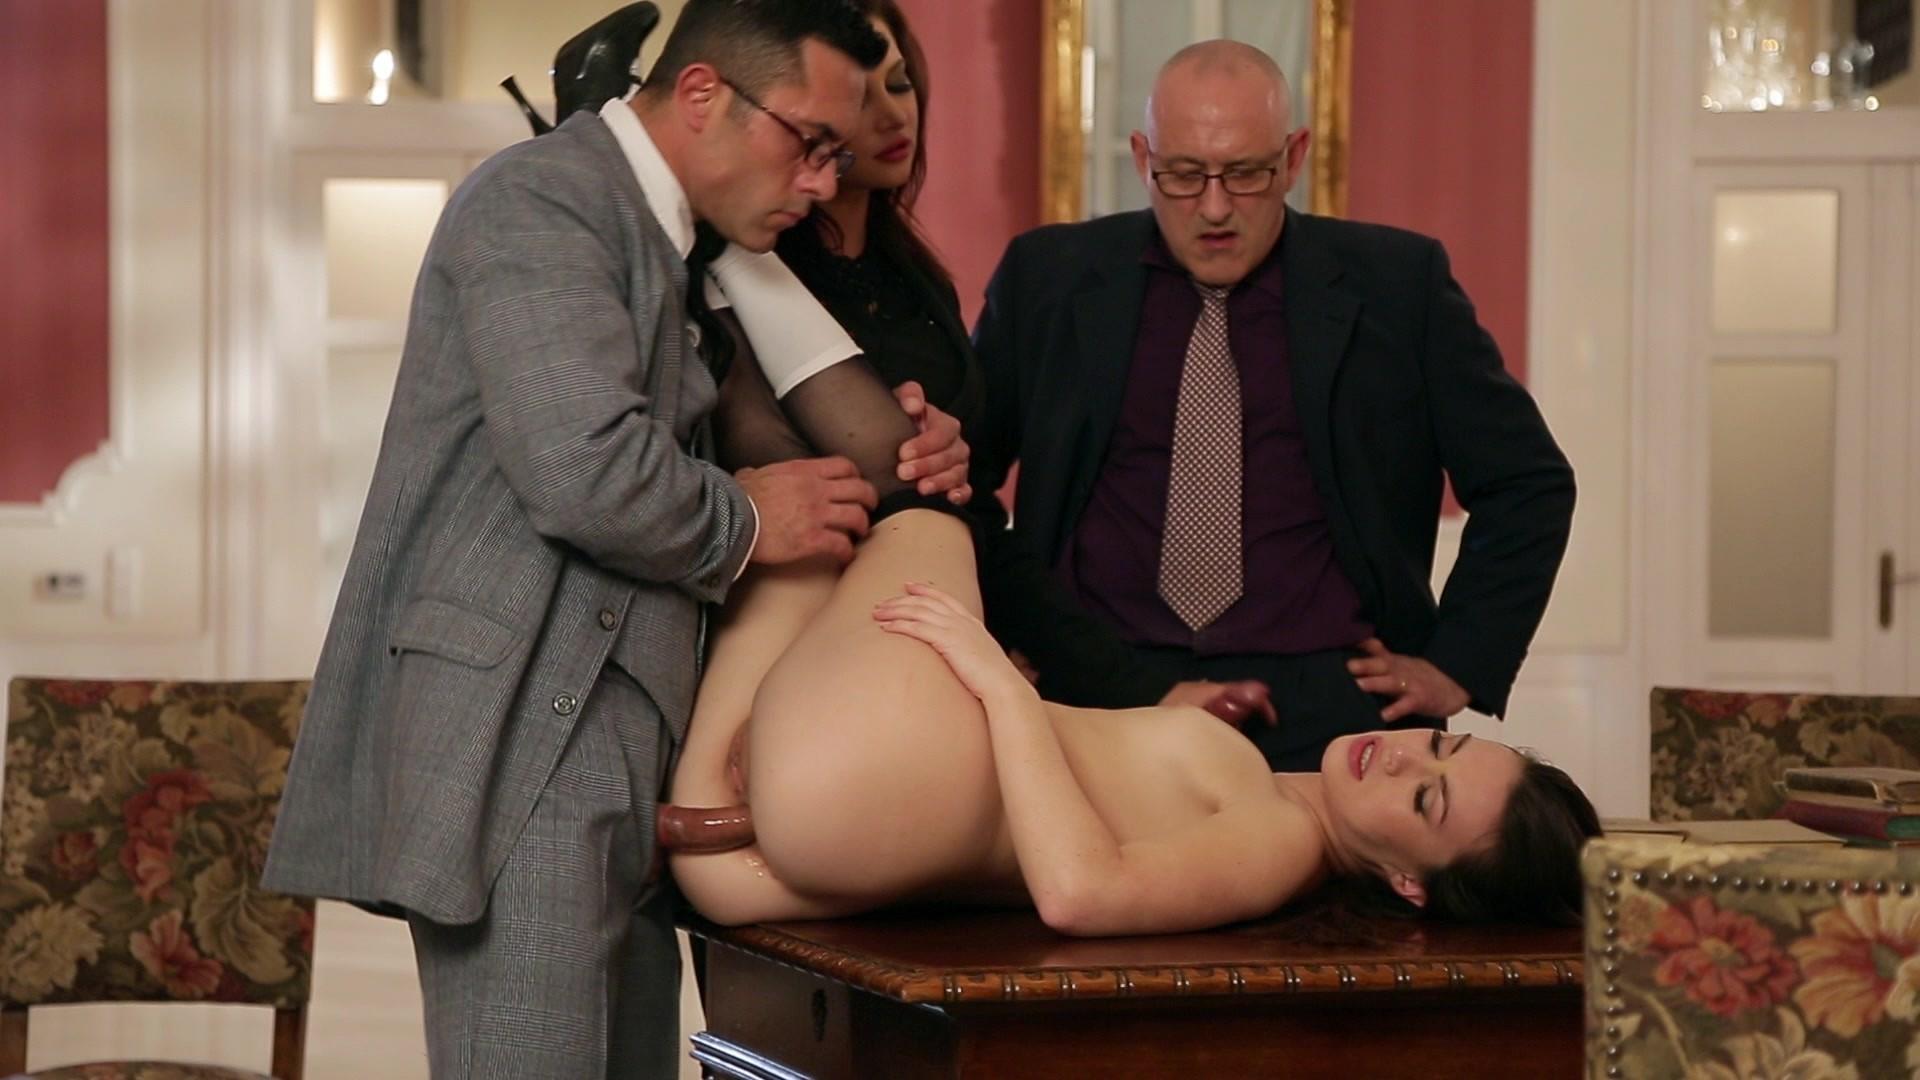 Punishment porn movie